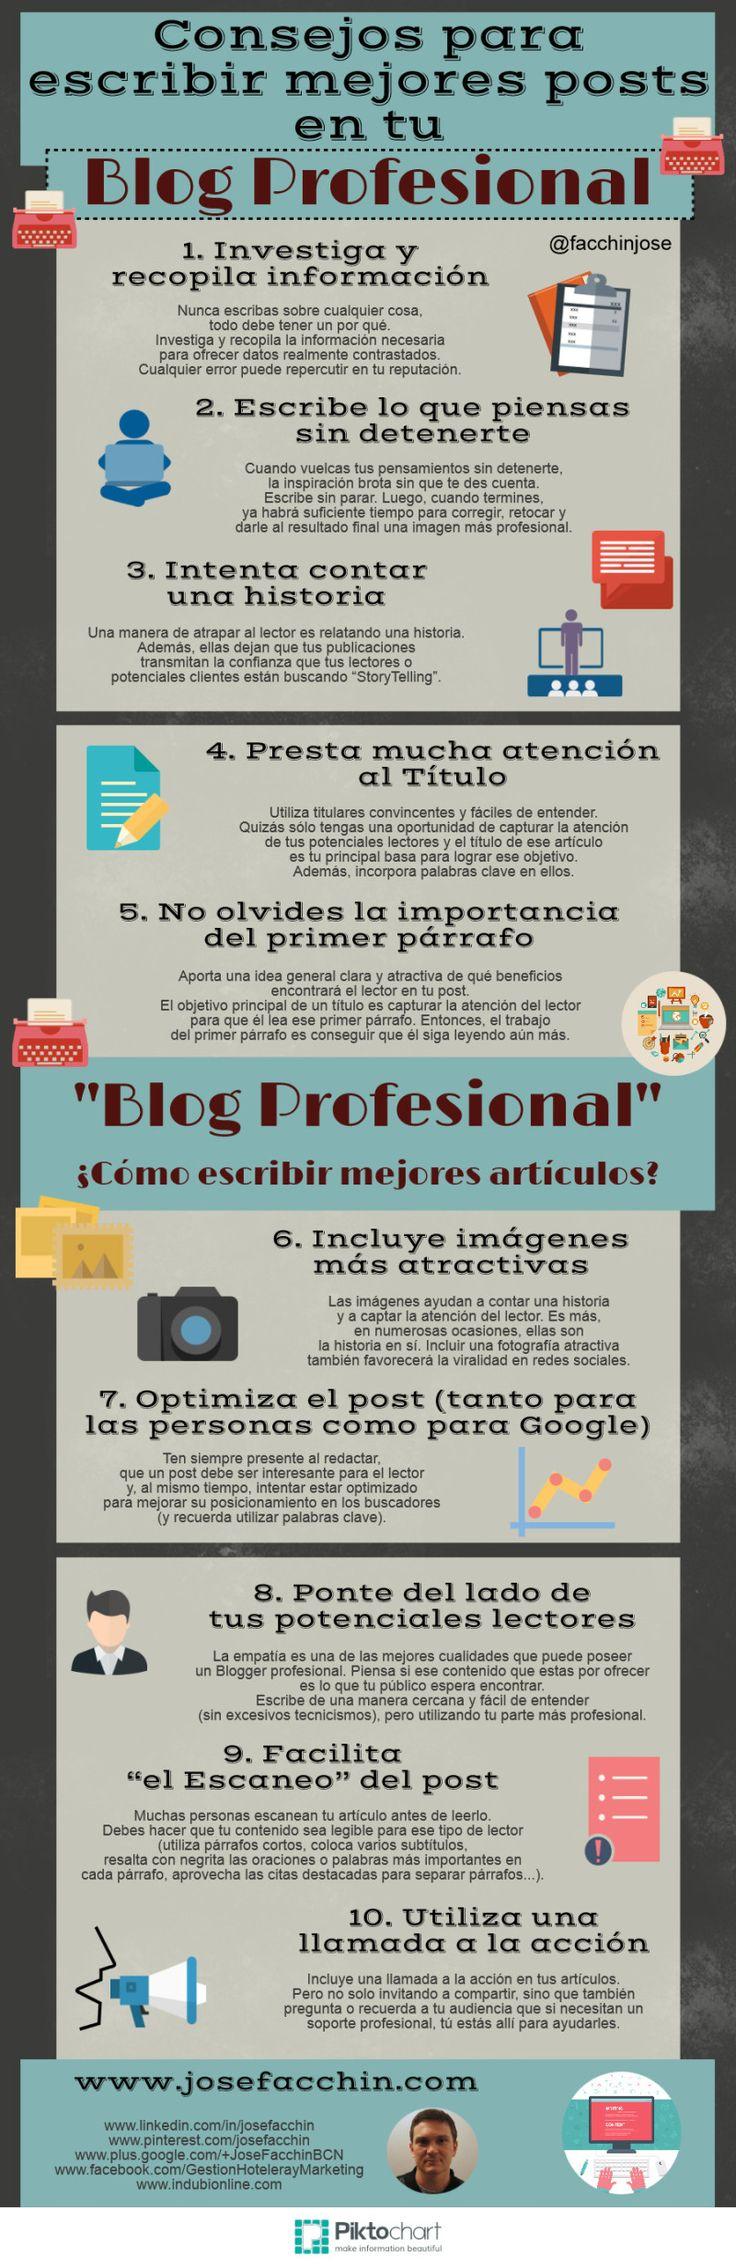 En esta extensa infografía vamos a encontrarnos con una decena de útiles consejos, en español, para crear mejores posts para un blog profesional.